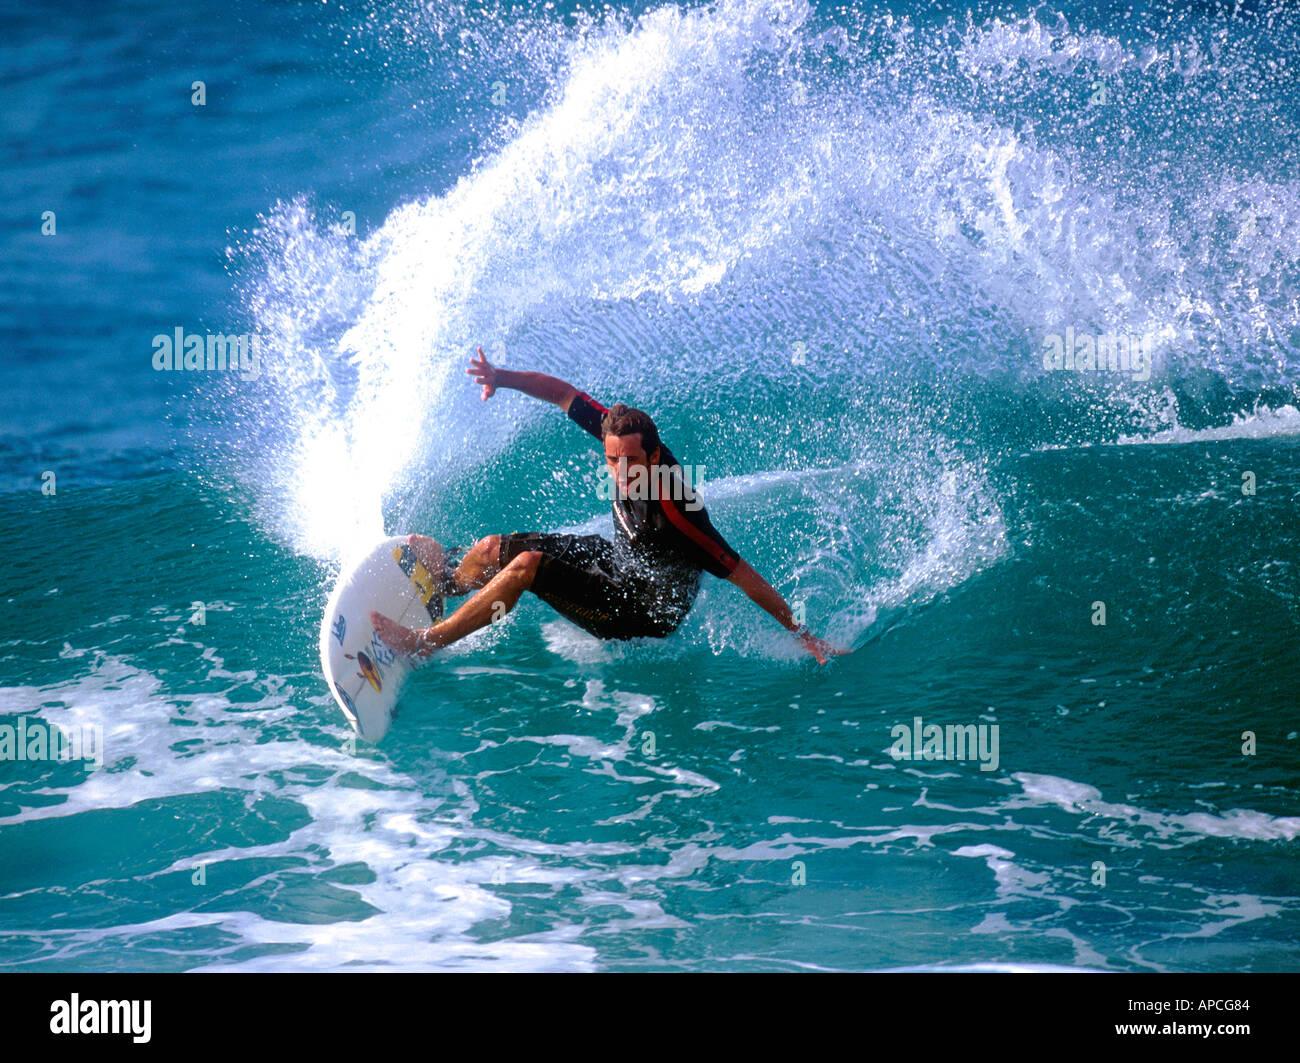 Brendan Margo Margeison Aus surfing in Hawaii USA December 2001 - Stock Image